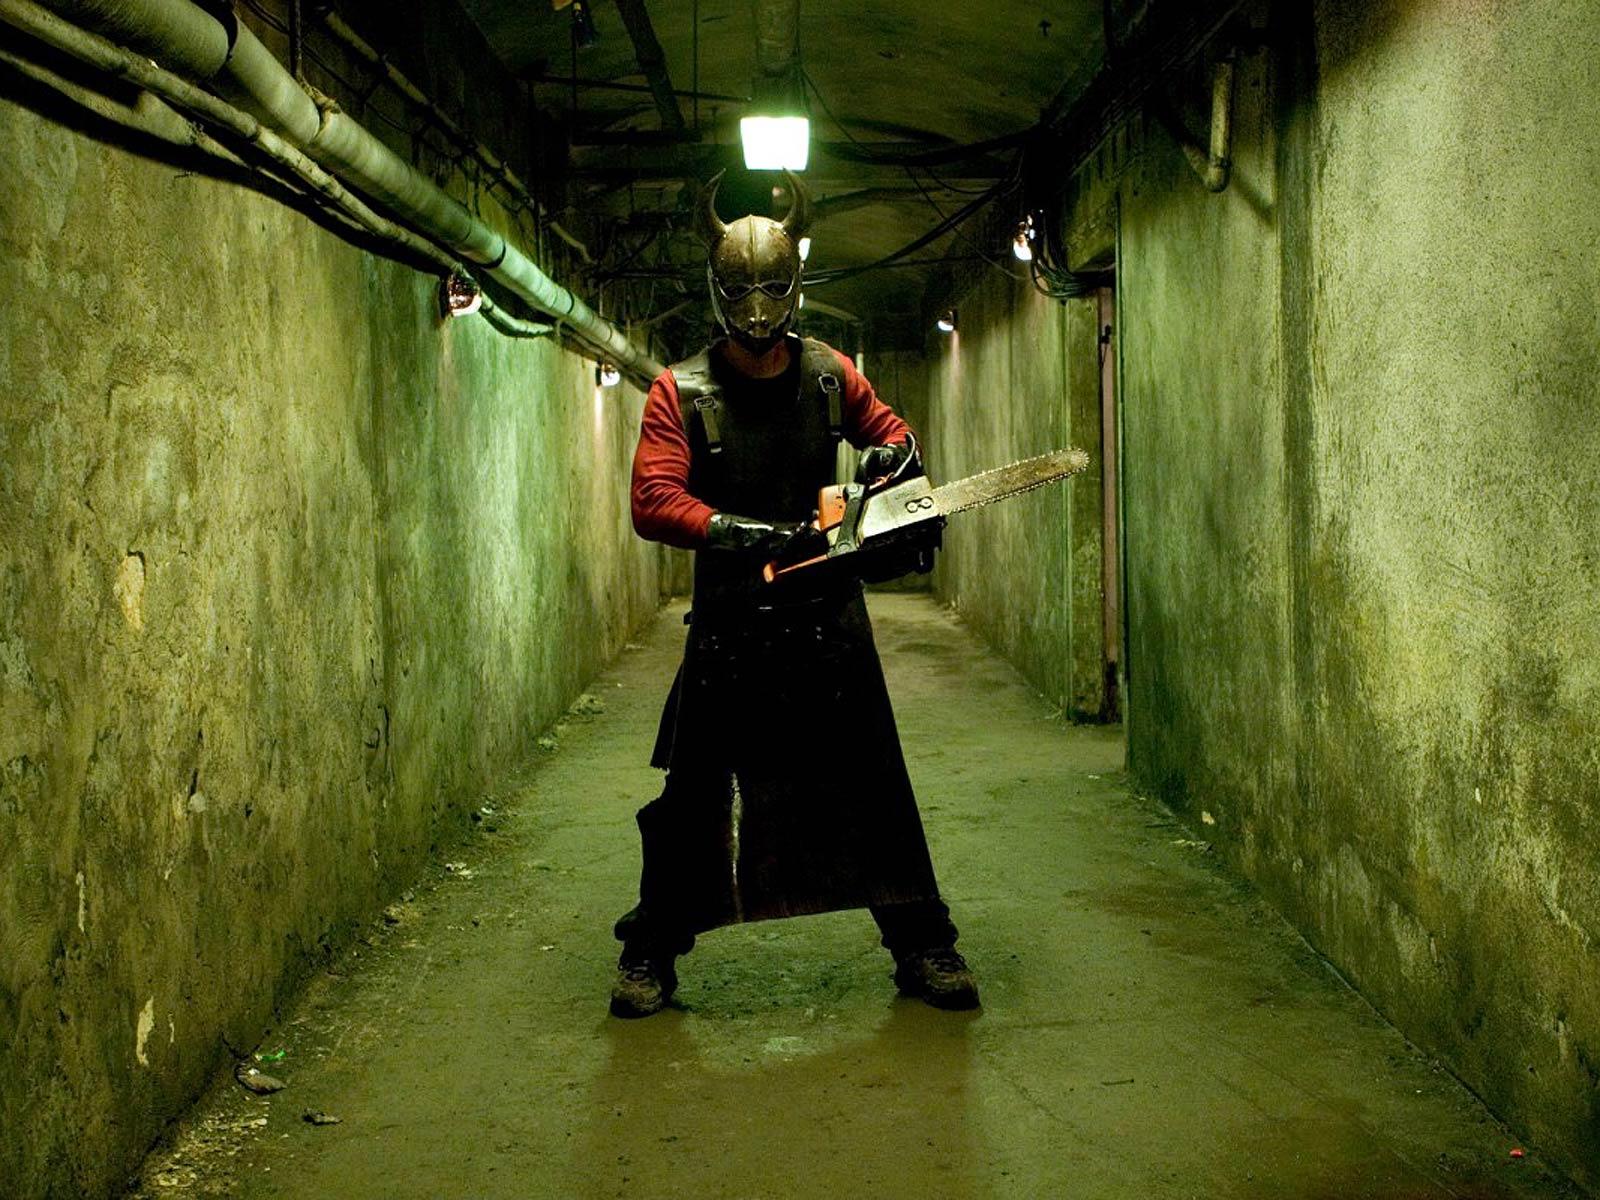 http://2.bp.blogspot.com/-0ltzUN1A3_E/T8I4CsUJxiI/AAAAAAAAAsU/z7xE8pEnQ98/s1600/scary+halloween+wallpapers.jpg